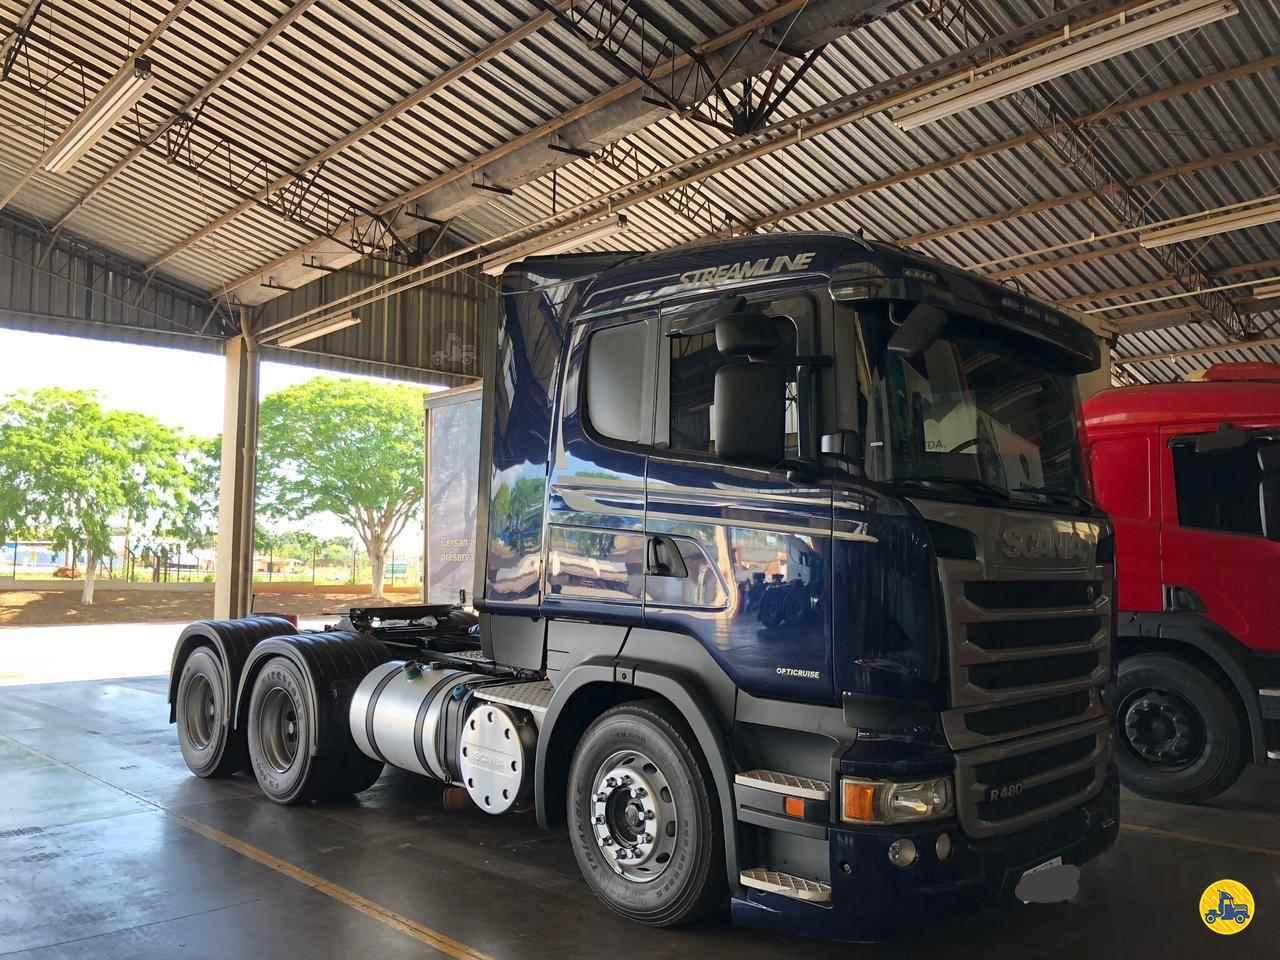 CAMINHAO SCANIA SCANIA 480 Cavalo Mecânico Traçado 6x4 Usados Rio Verde RIO VERDE GOIAS GO